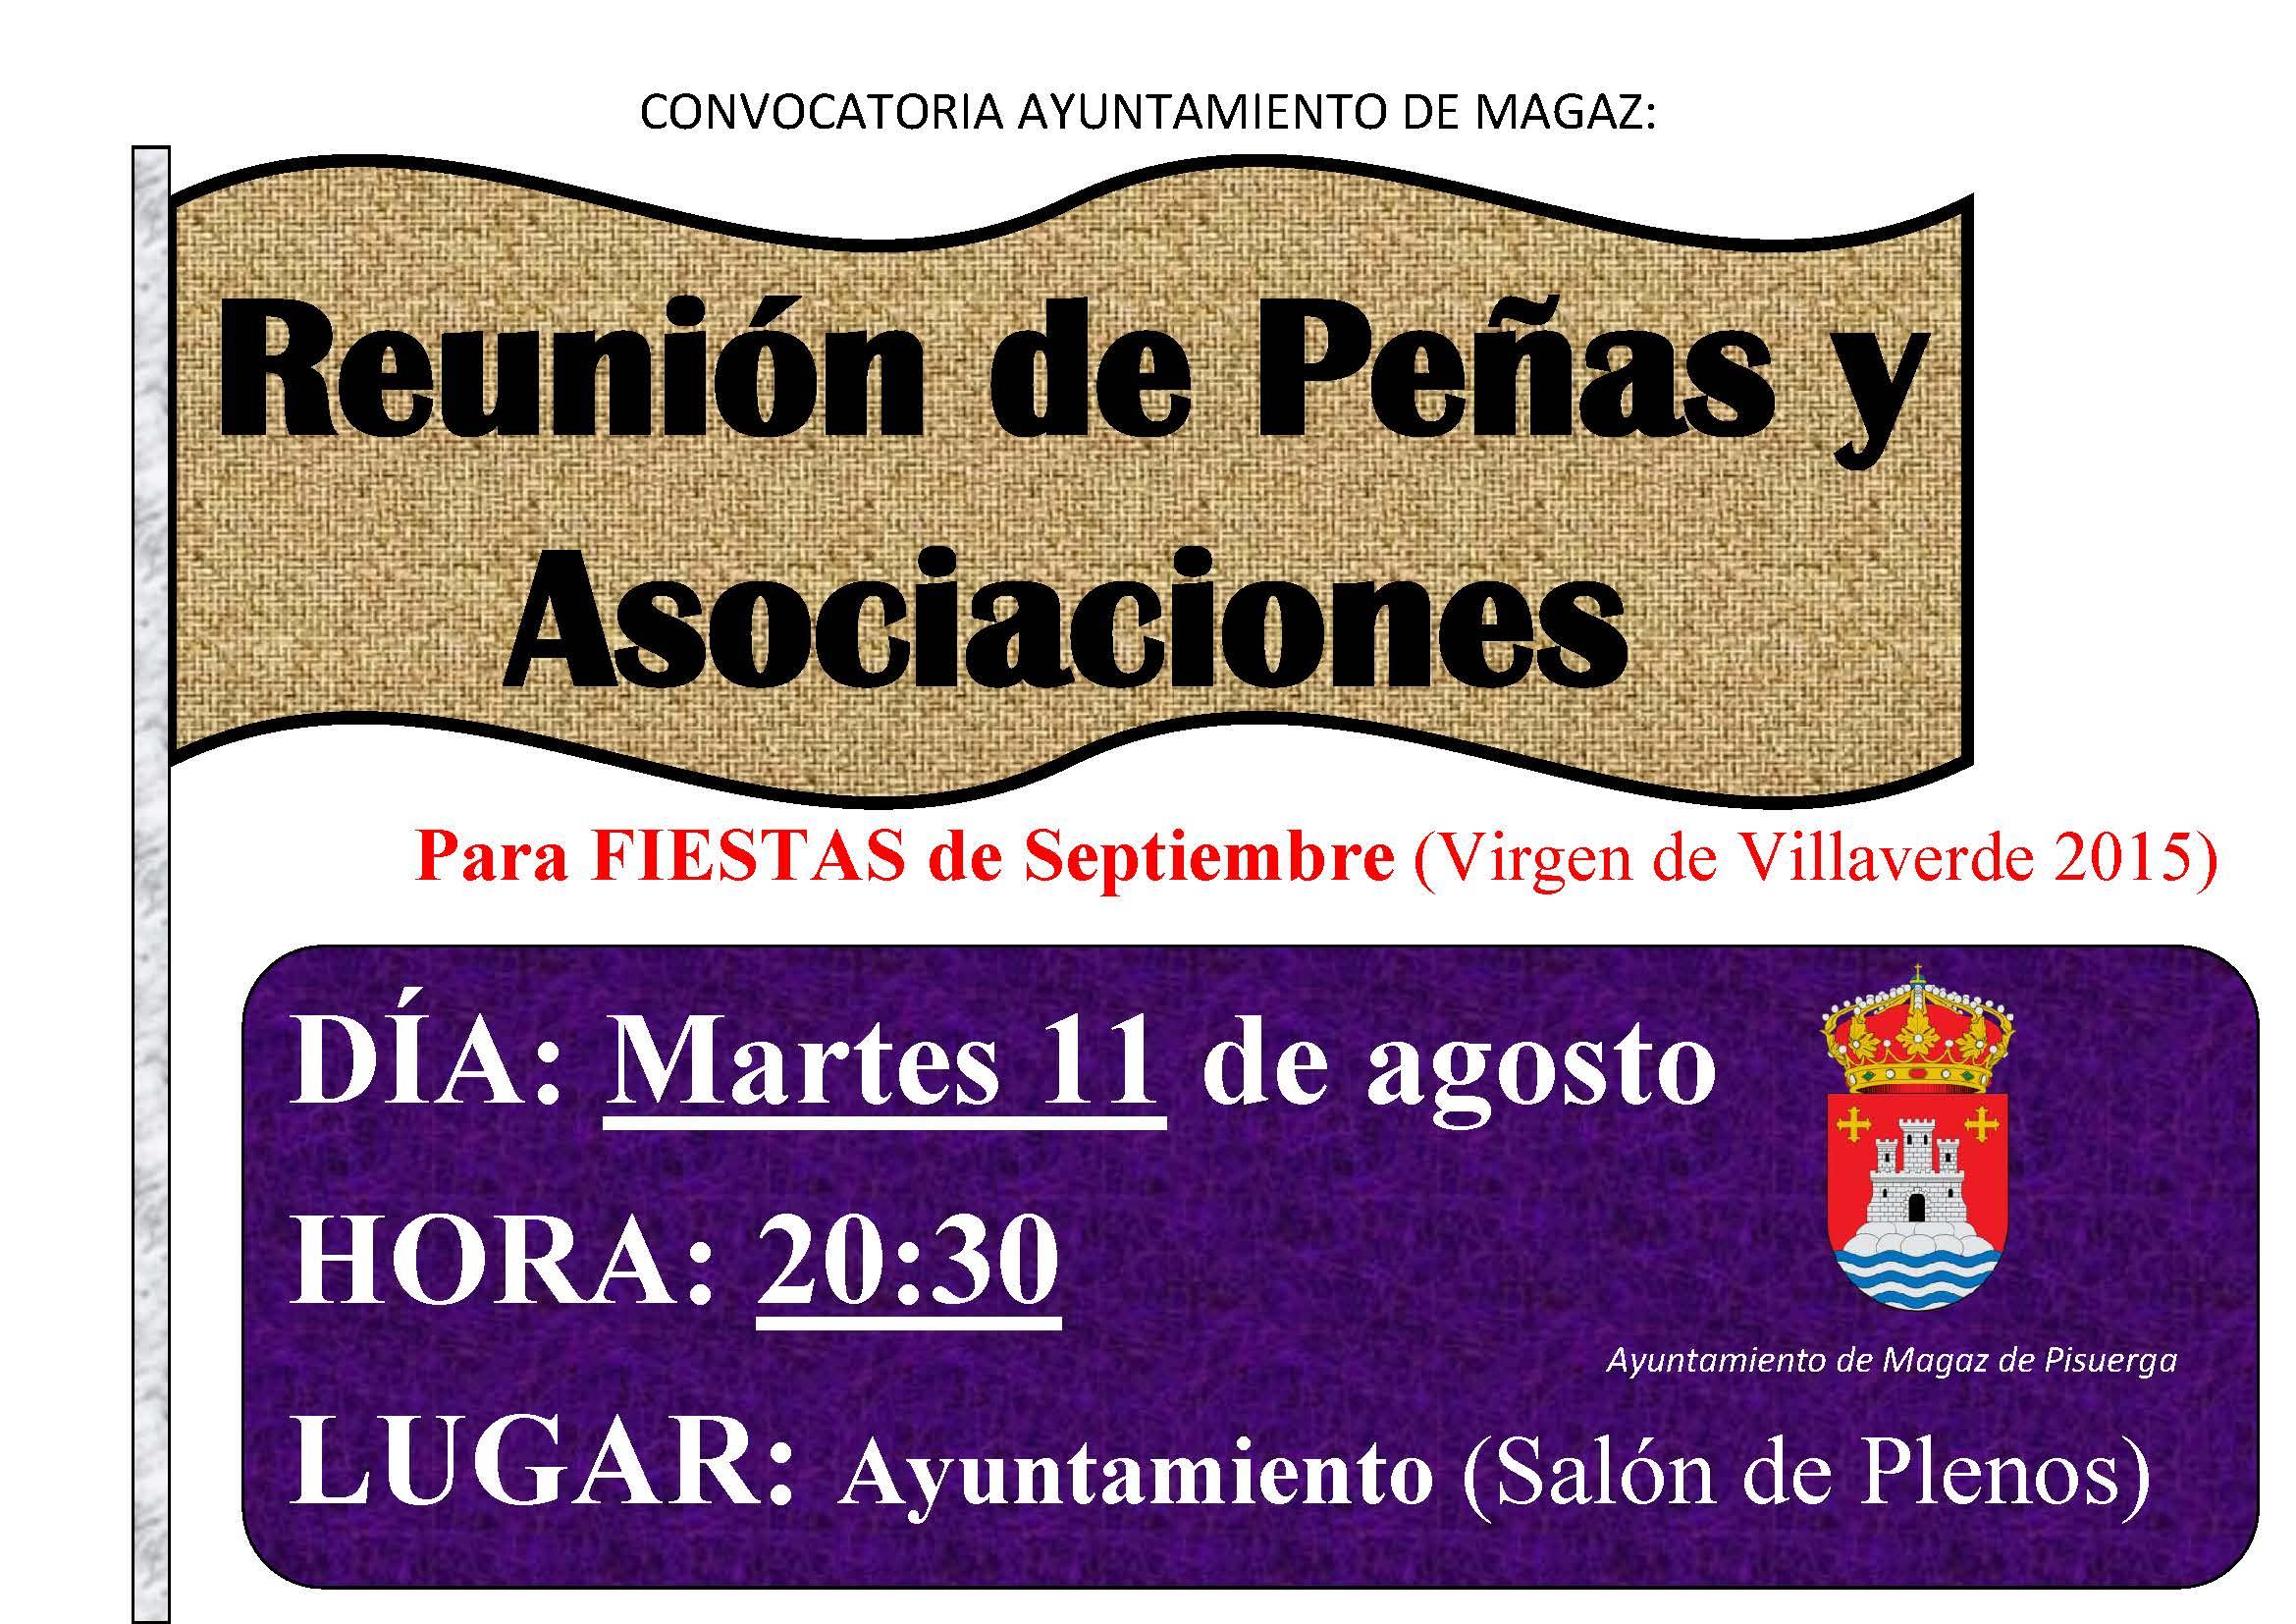 Reunión de peñas y asociaciones (Fiestas de septiembre)